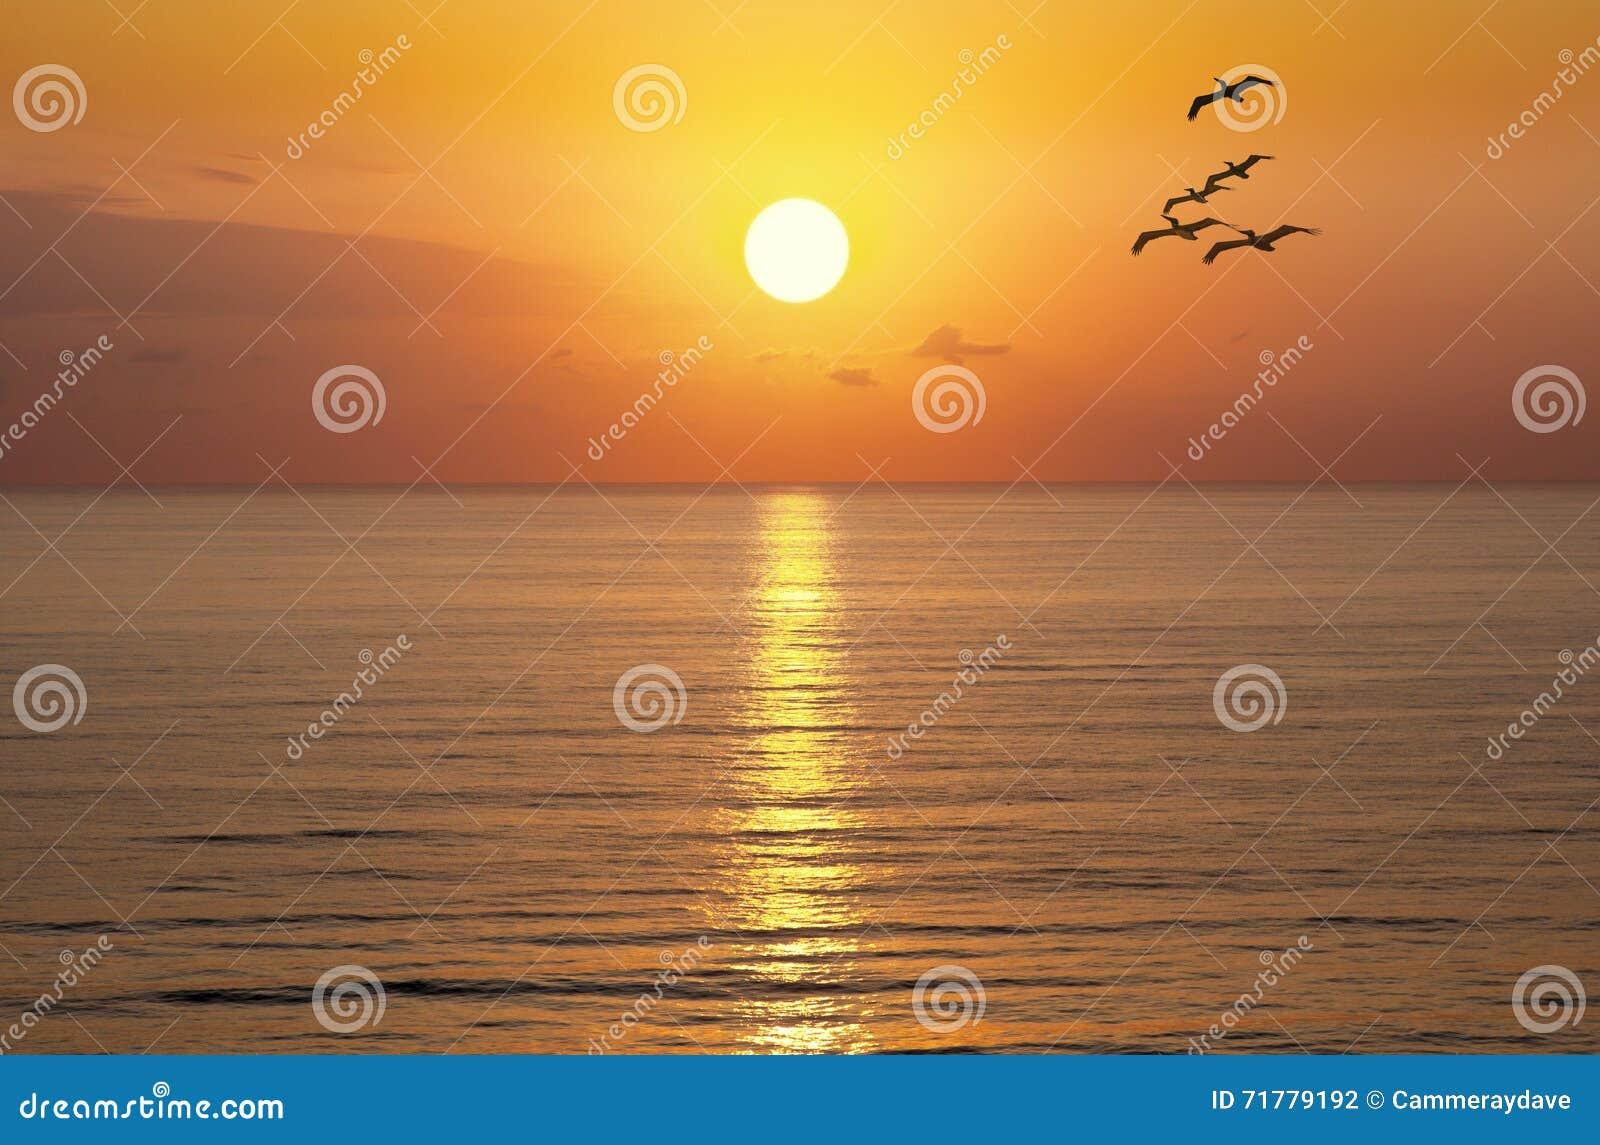 Sunrise Sunset Sun Ocean Florida